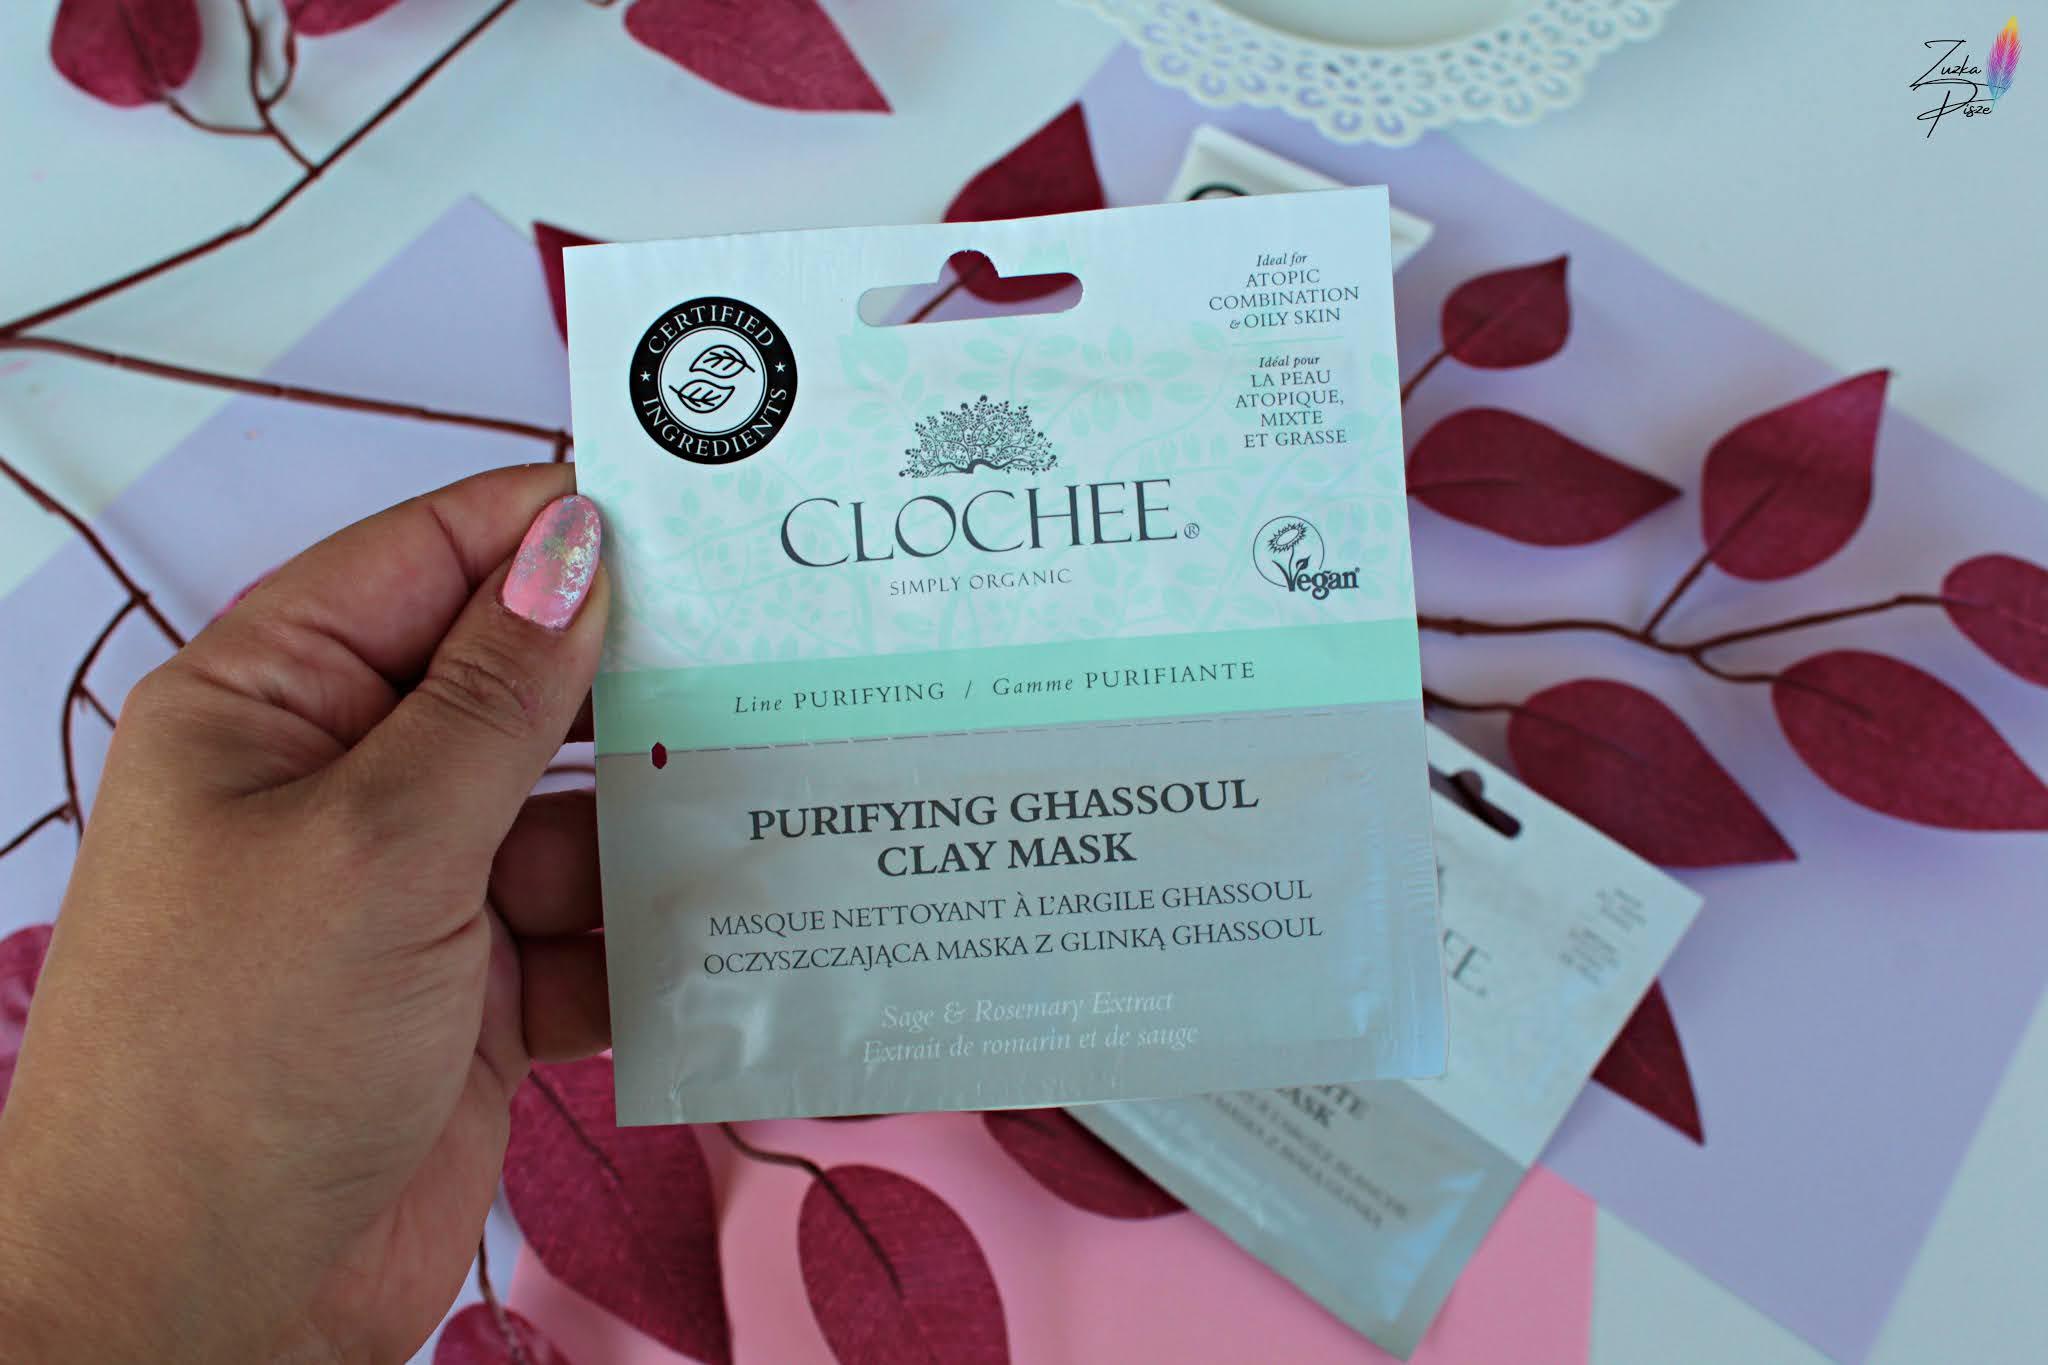 Clochee, Purifying Ghassoul Clay Mask - Oczyszczająca maska z glinką ghassoul